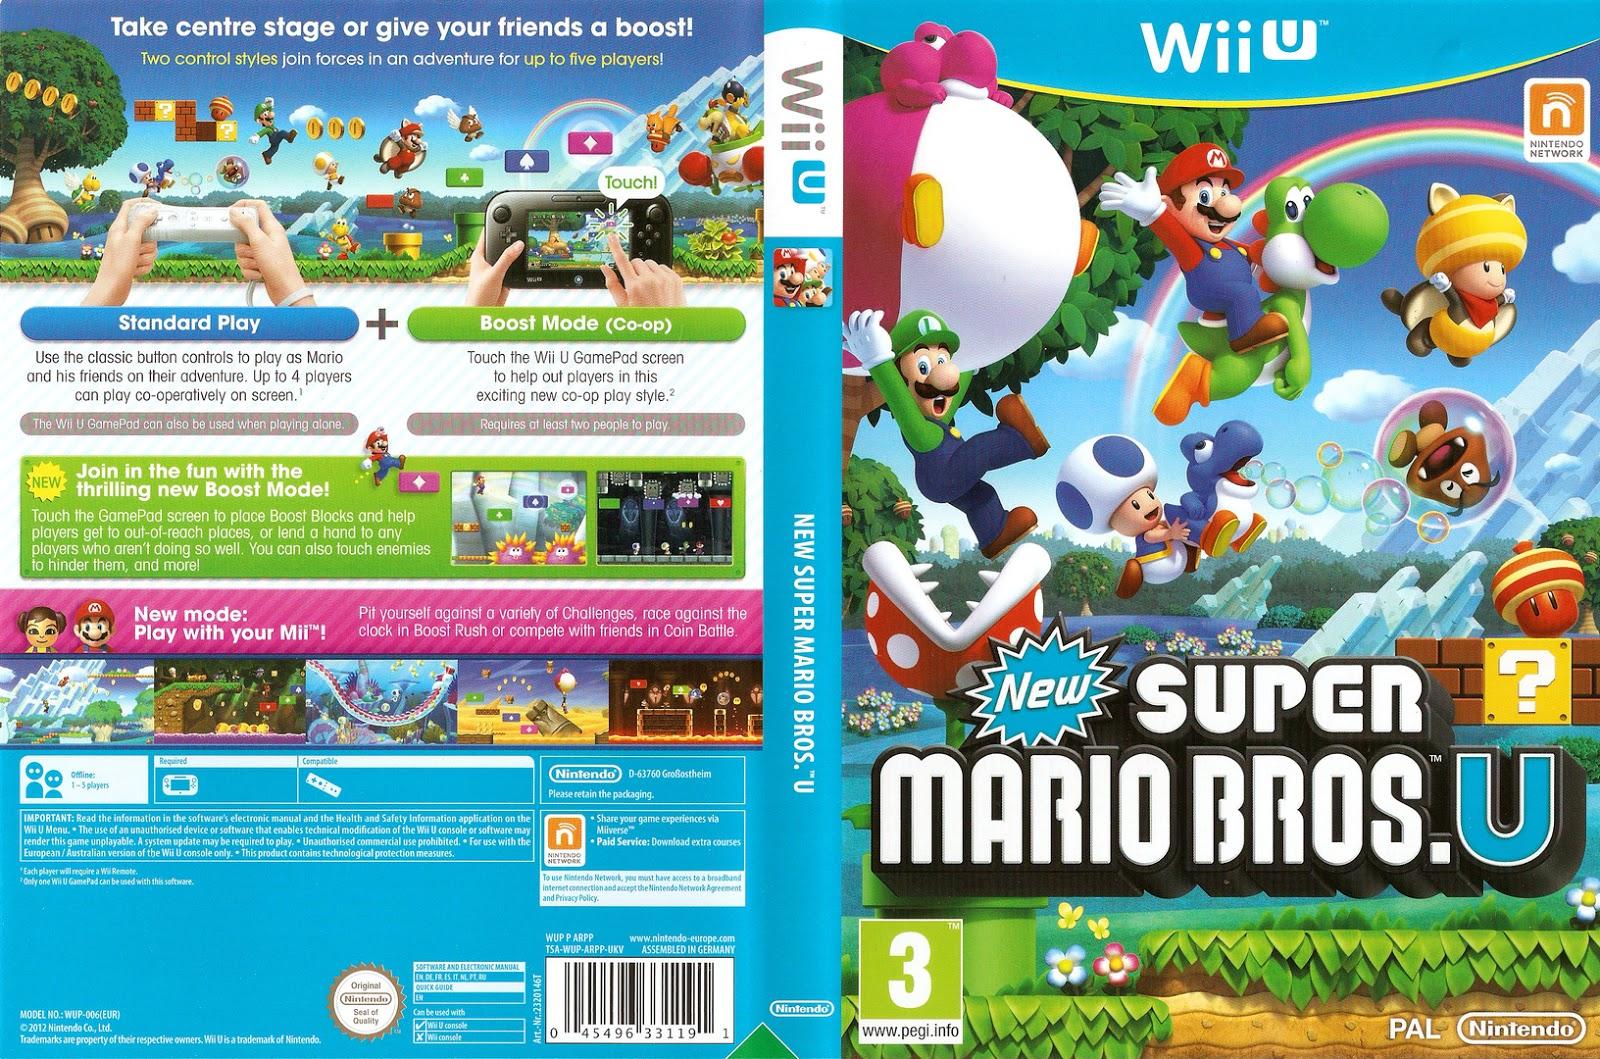 U chegou carregando o peso de divulgar o Wii U. Mesmo não tendo nenhuma  grande inovação, New Super Mario Bros. U é um ótimo jogo ... 388d277b5c